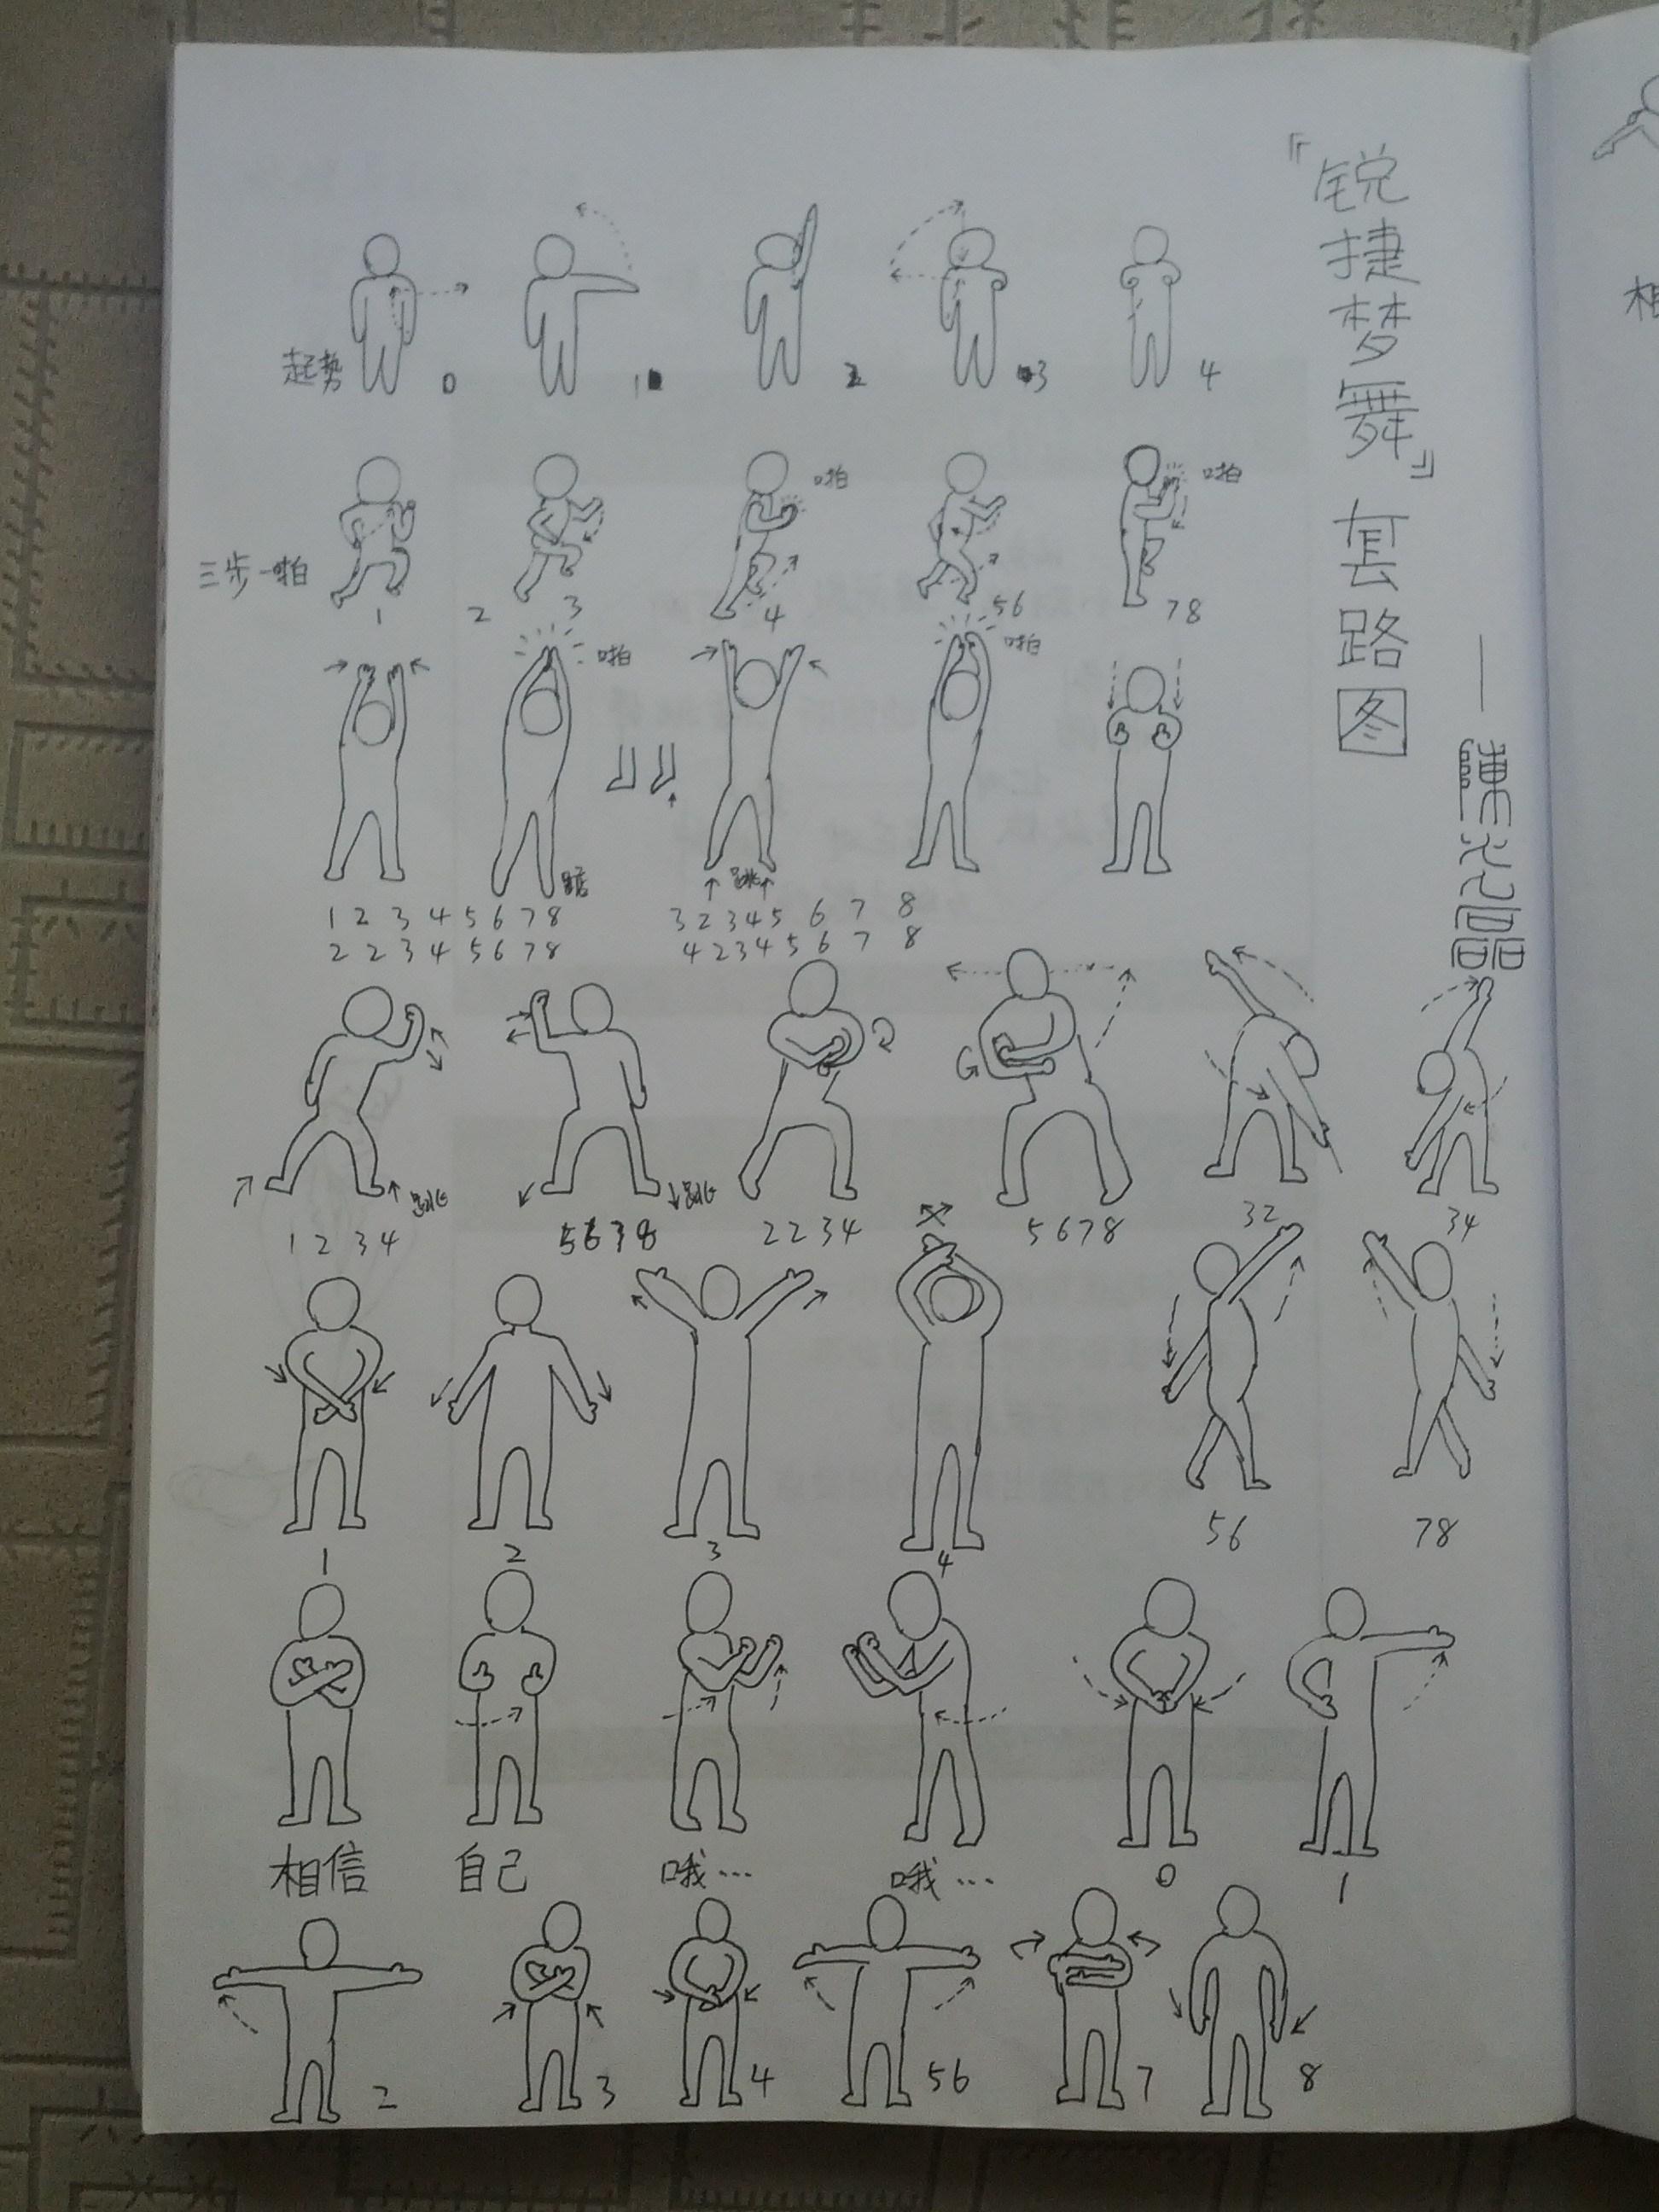 舞蹈套路手绘图